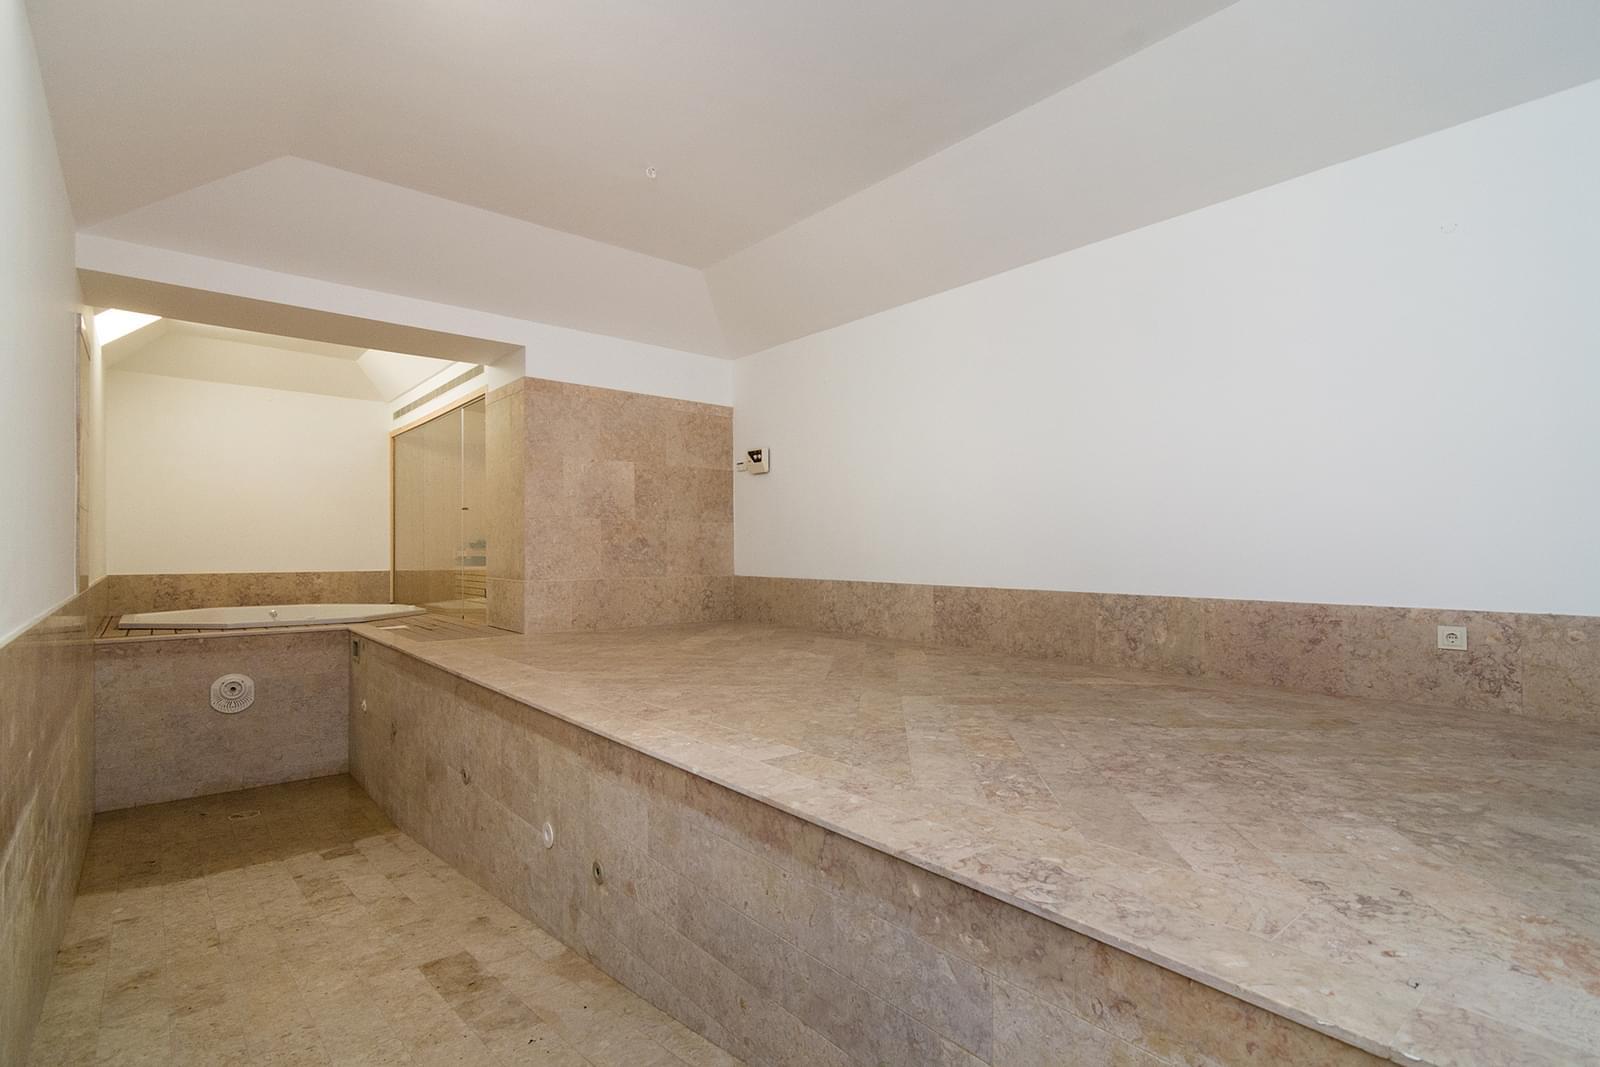 pf16887-apartamento-t5-lisboa-a6cd8b40-86af-4a6f-89fe-aead7ed72a9a